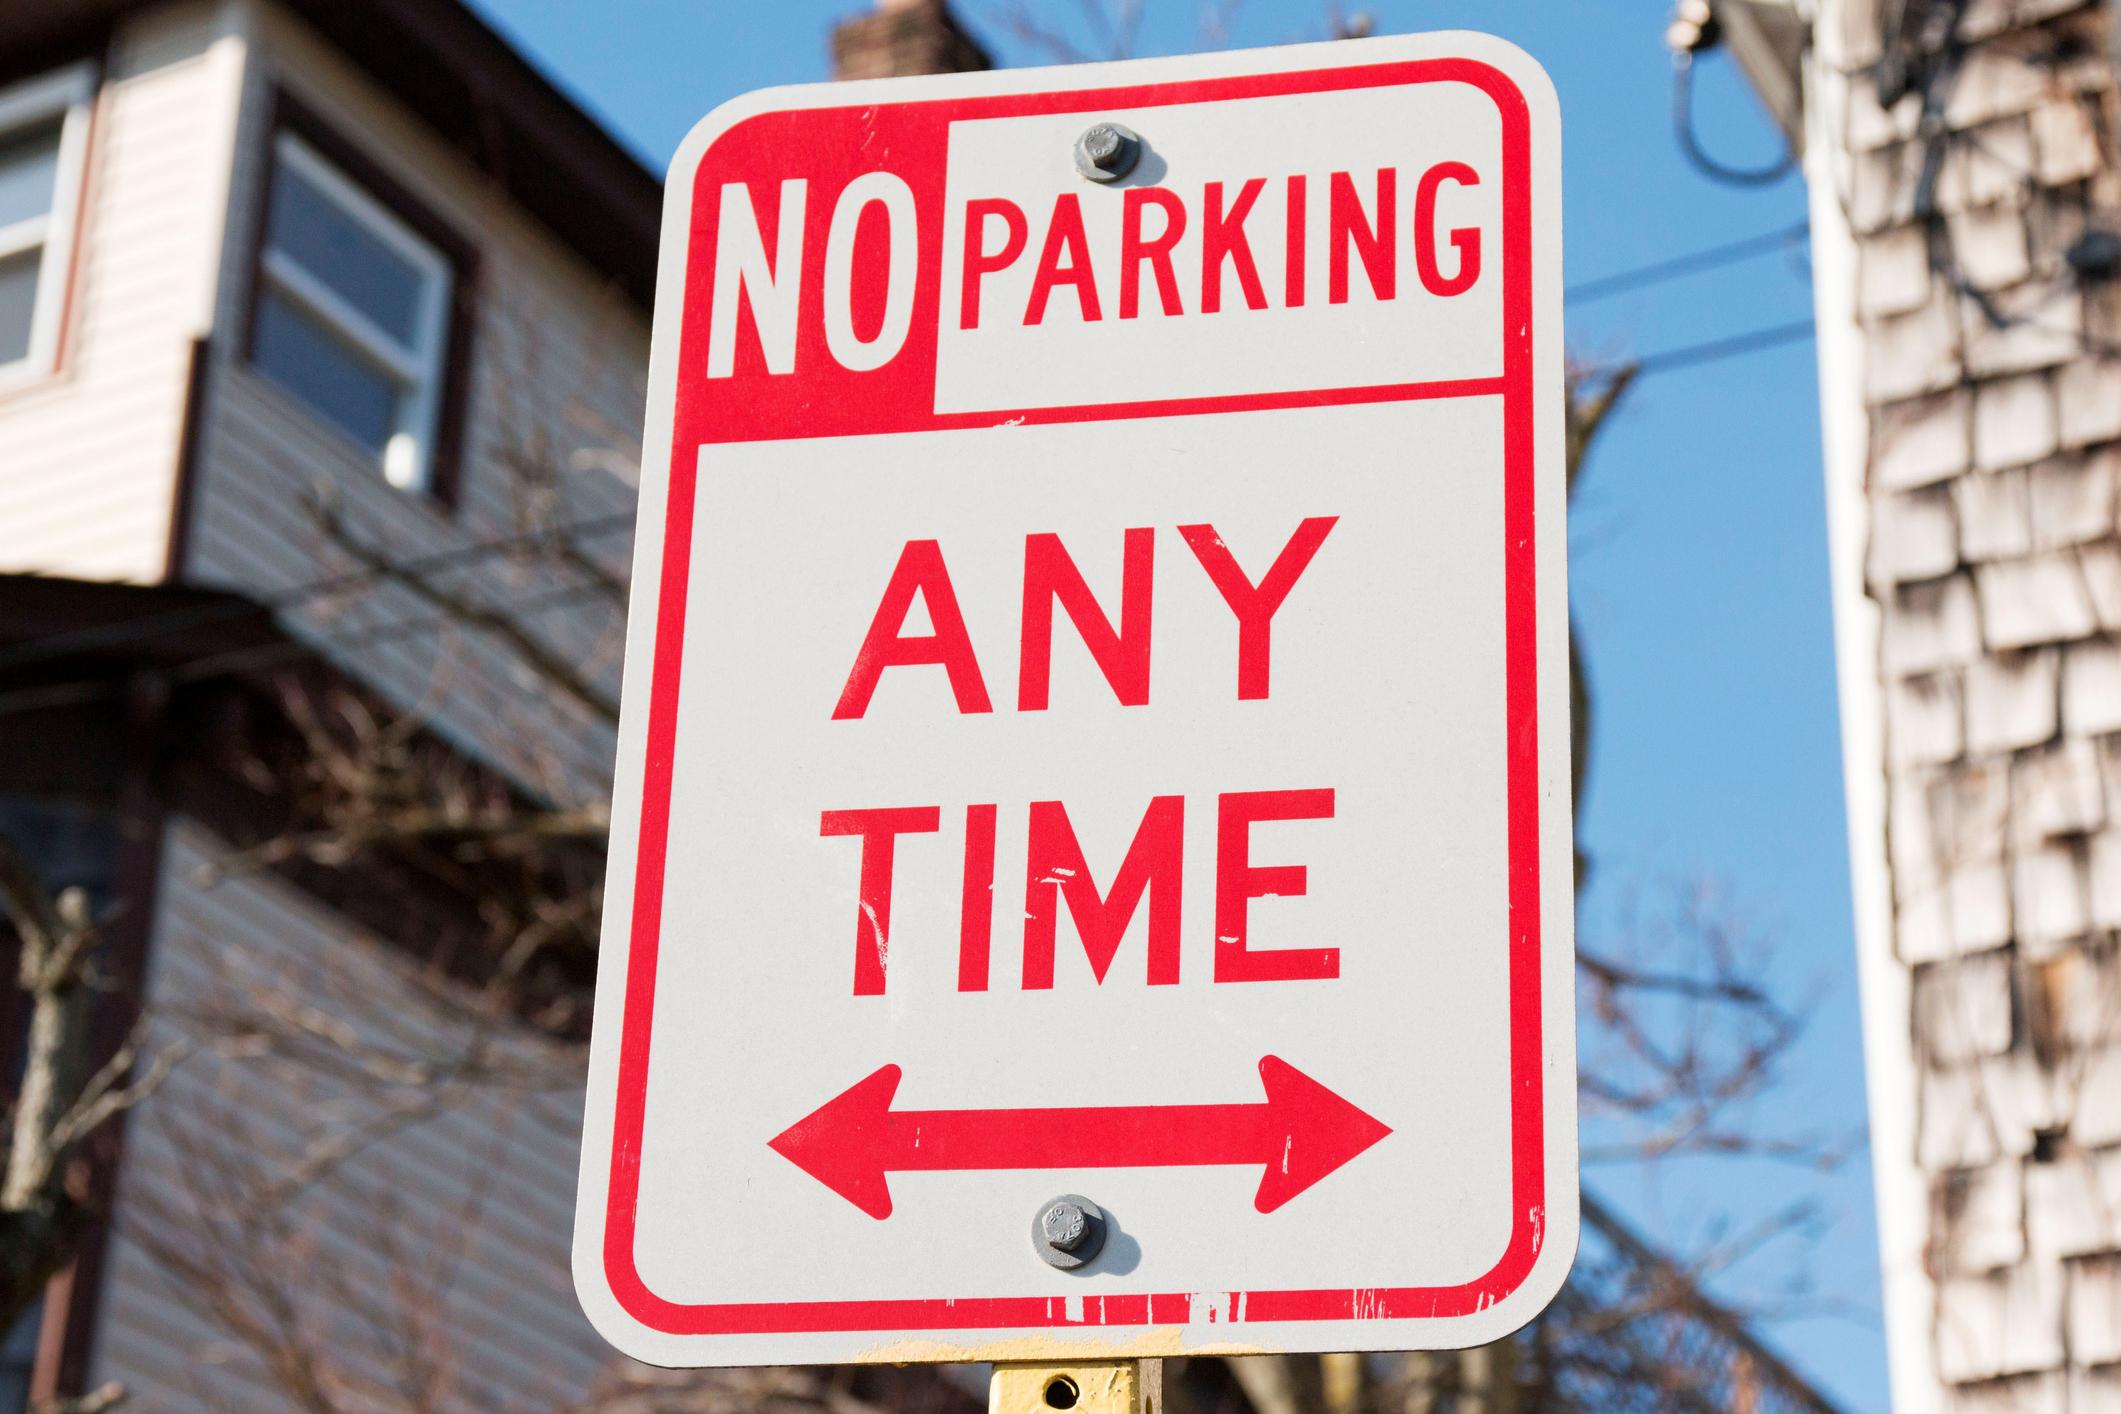 """Cartel que dice """"No parking any time"""" (Prohibido estacionar las 24 hs) en un pueblo local"""